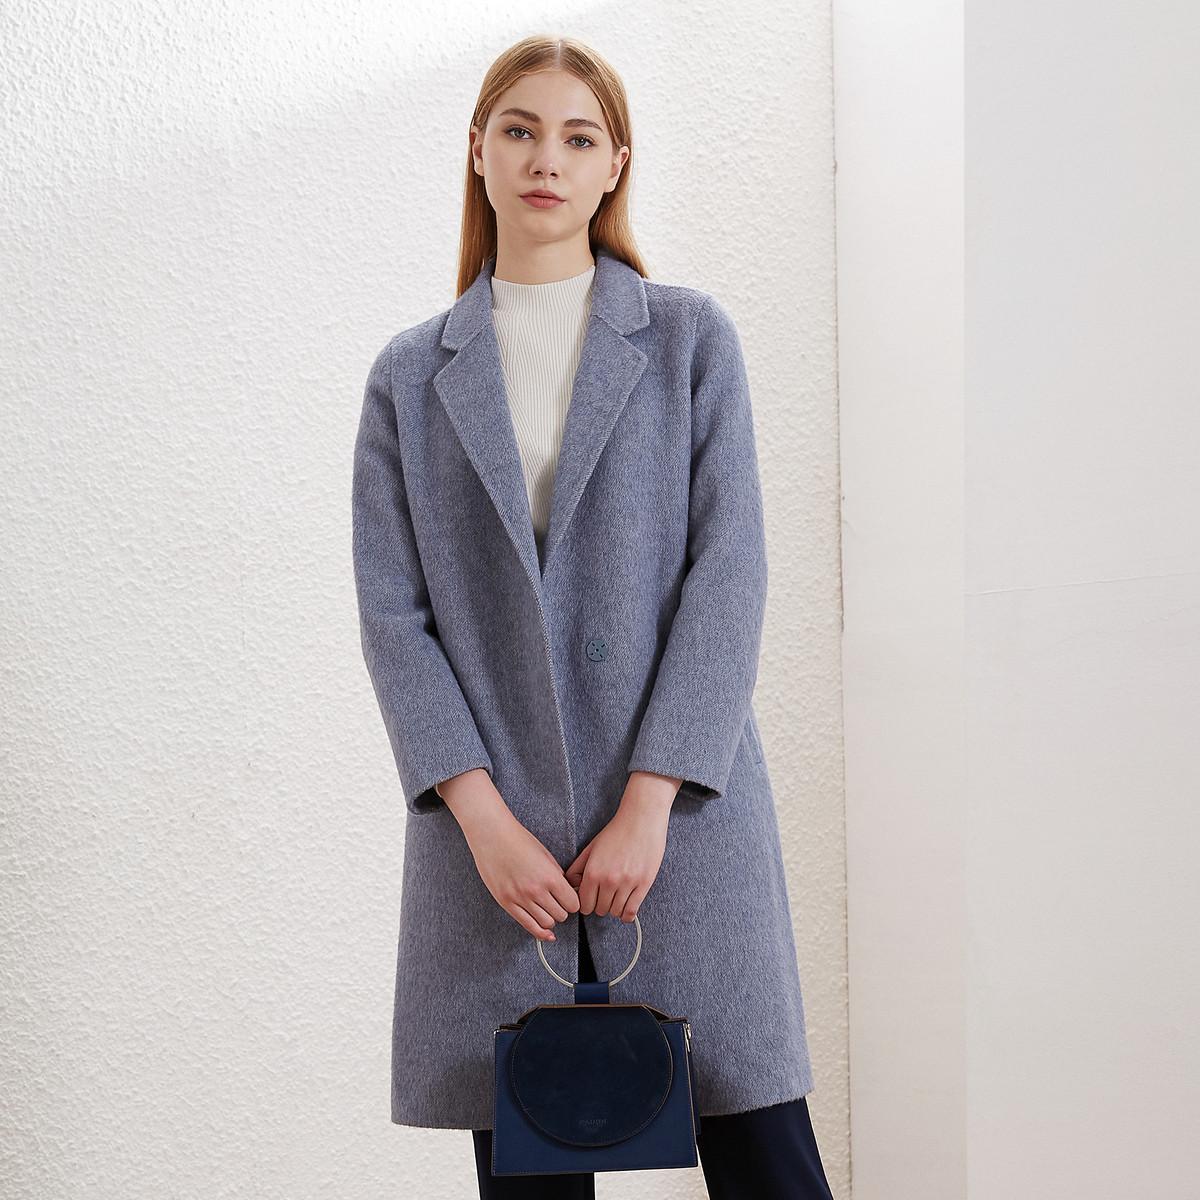 卡迪黛尔卡迪黛尔2019秋冬季中长款高腰羊毛呢外套女韩版高腰宽松显瘦C1AGG911802